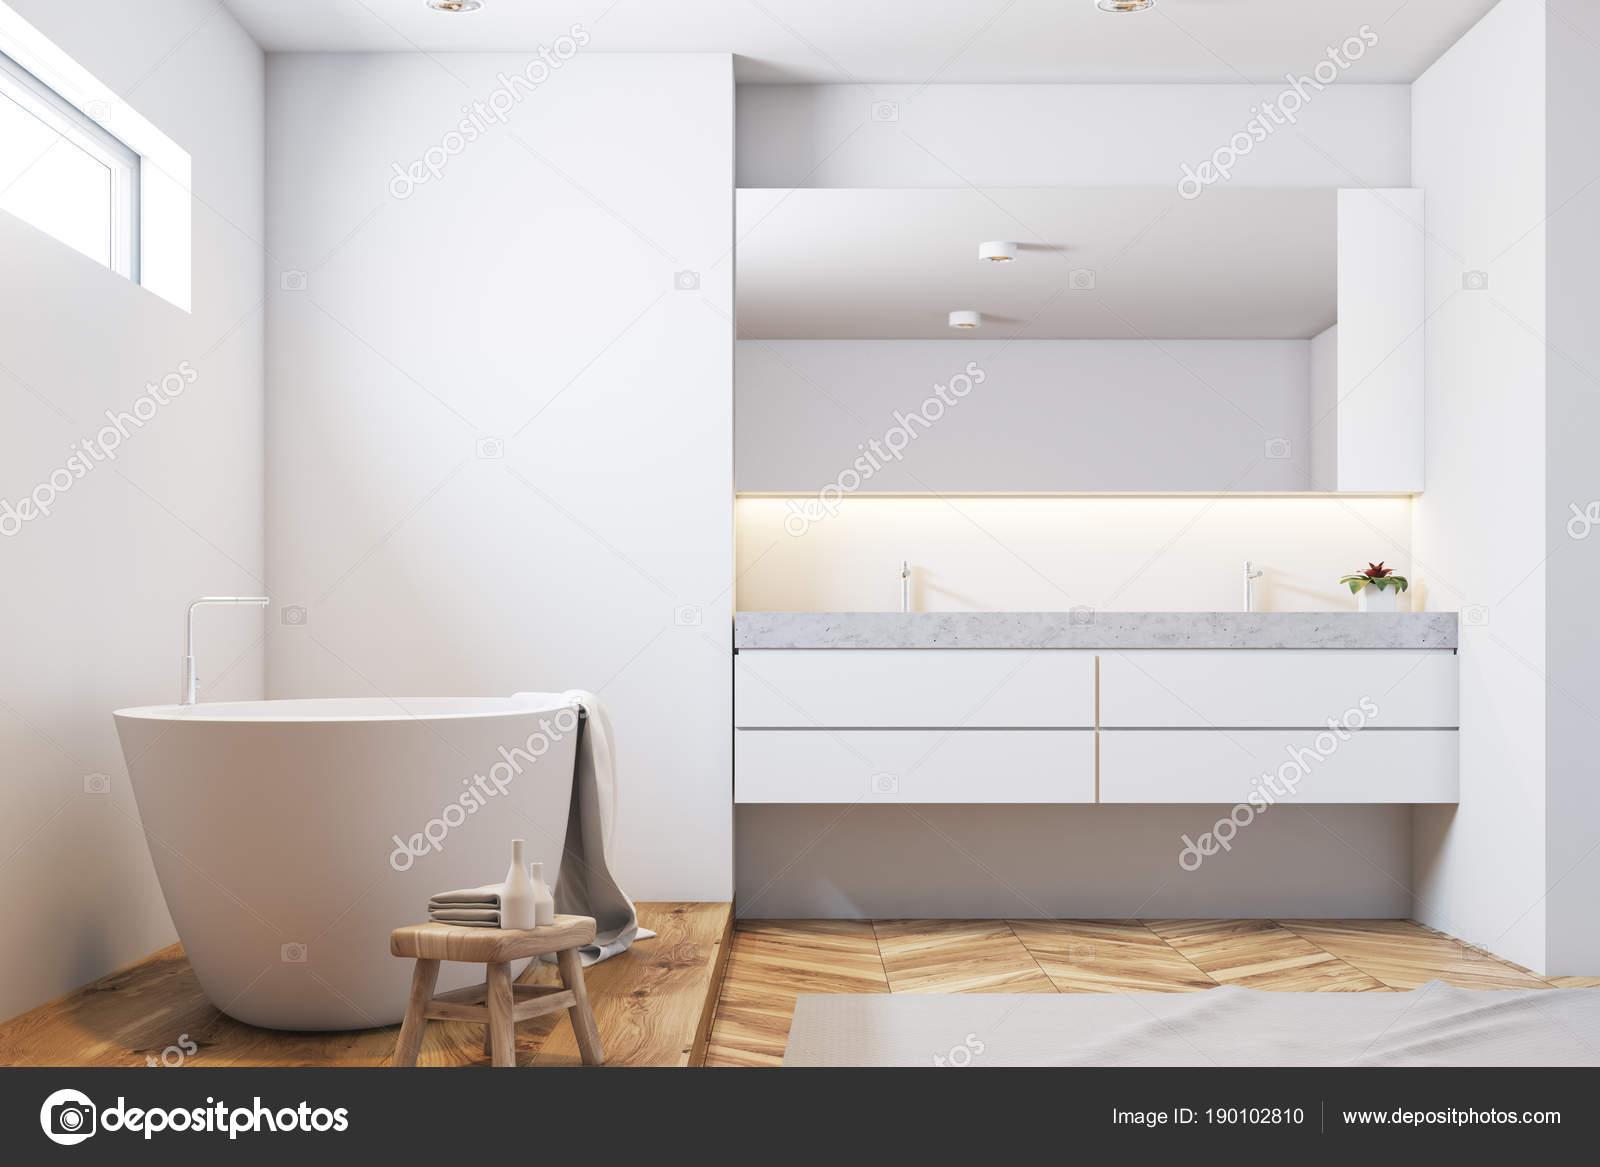 Weiße Fliesen Badezimmer Interieur, weiße Wanne closeup — Stockfoto ...